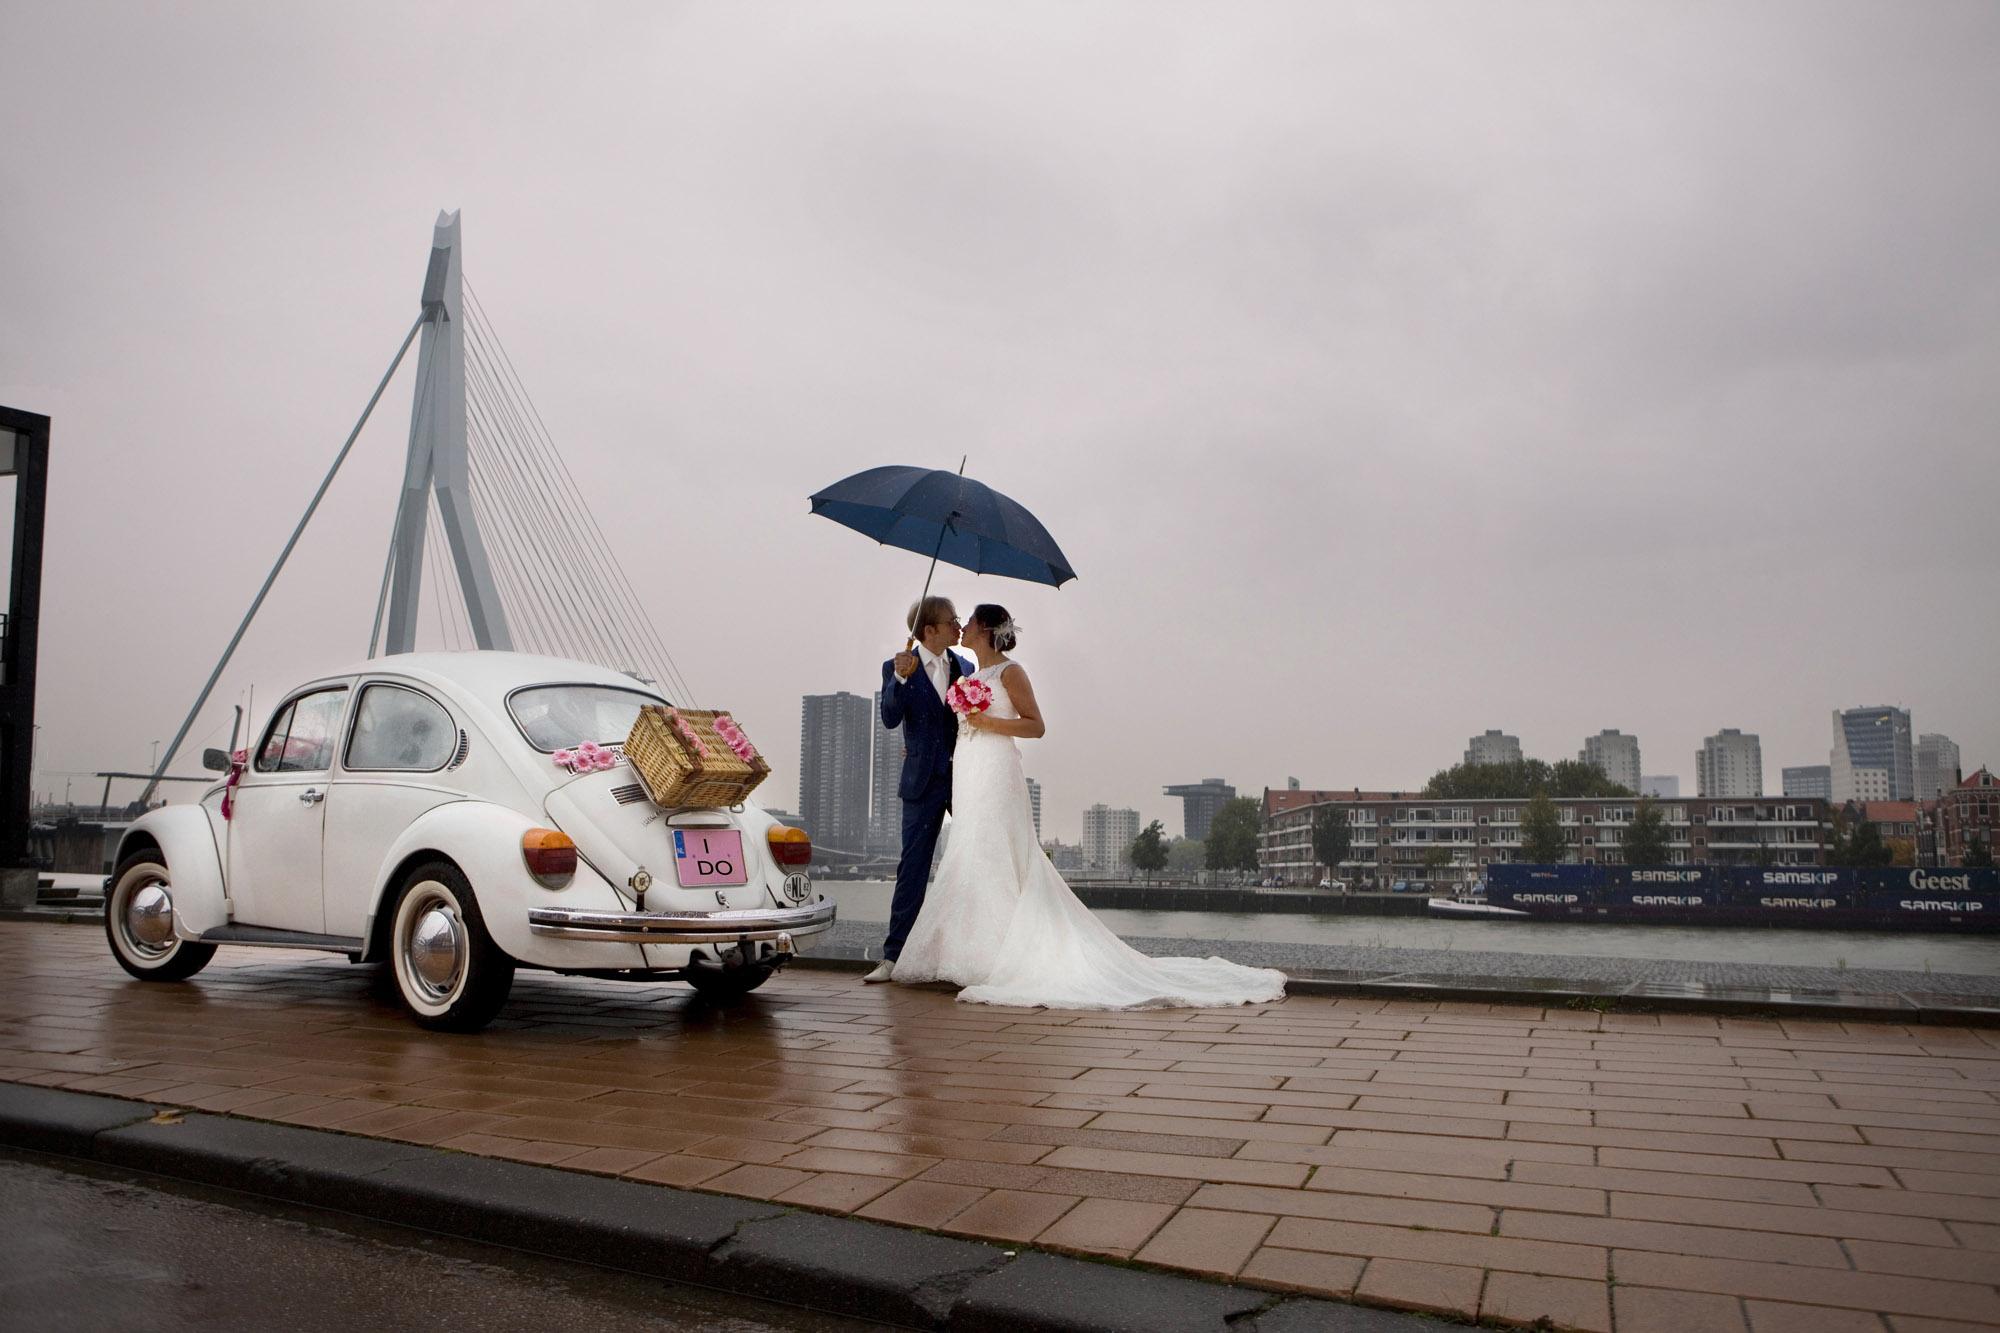 trouwreportage Maasboulevard bruidspaar regen trouwauto Volkswagen Beetle Erasmusbrug Rotterdam